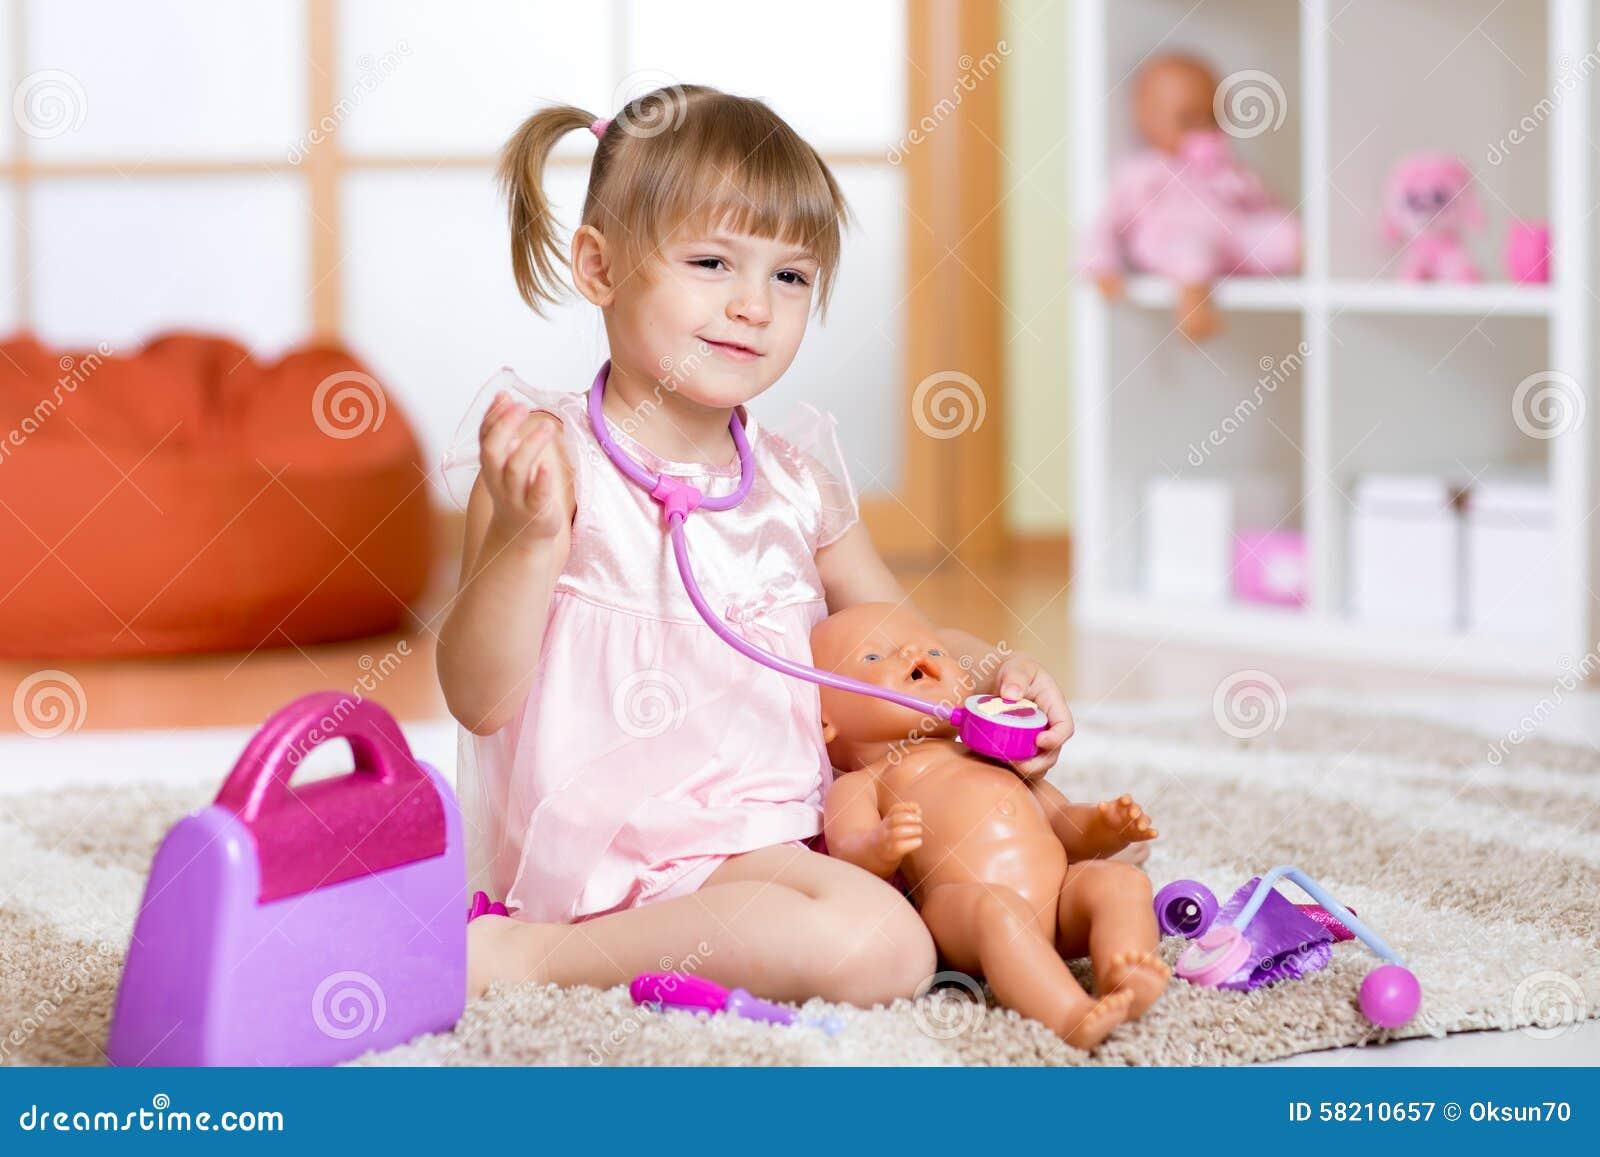 Kleines Mädchen spielt Doktor, der einen Puppenpatienten überprüft